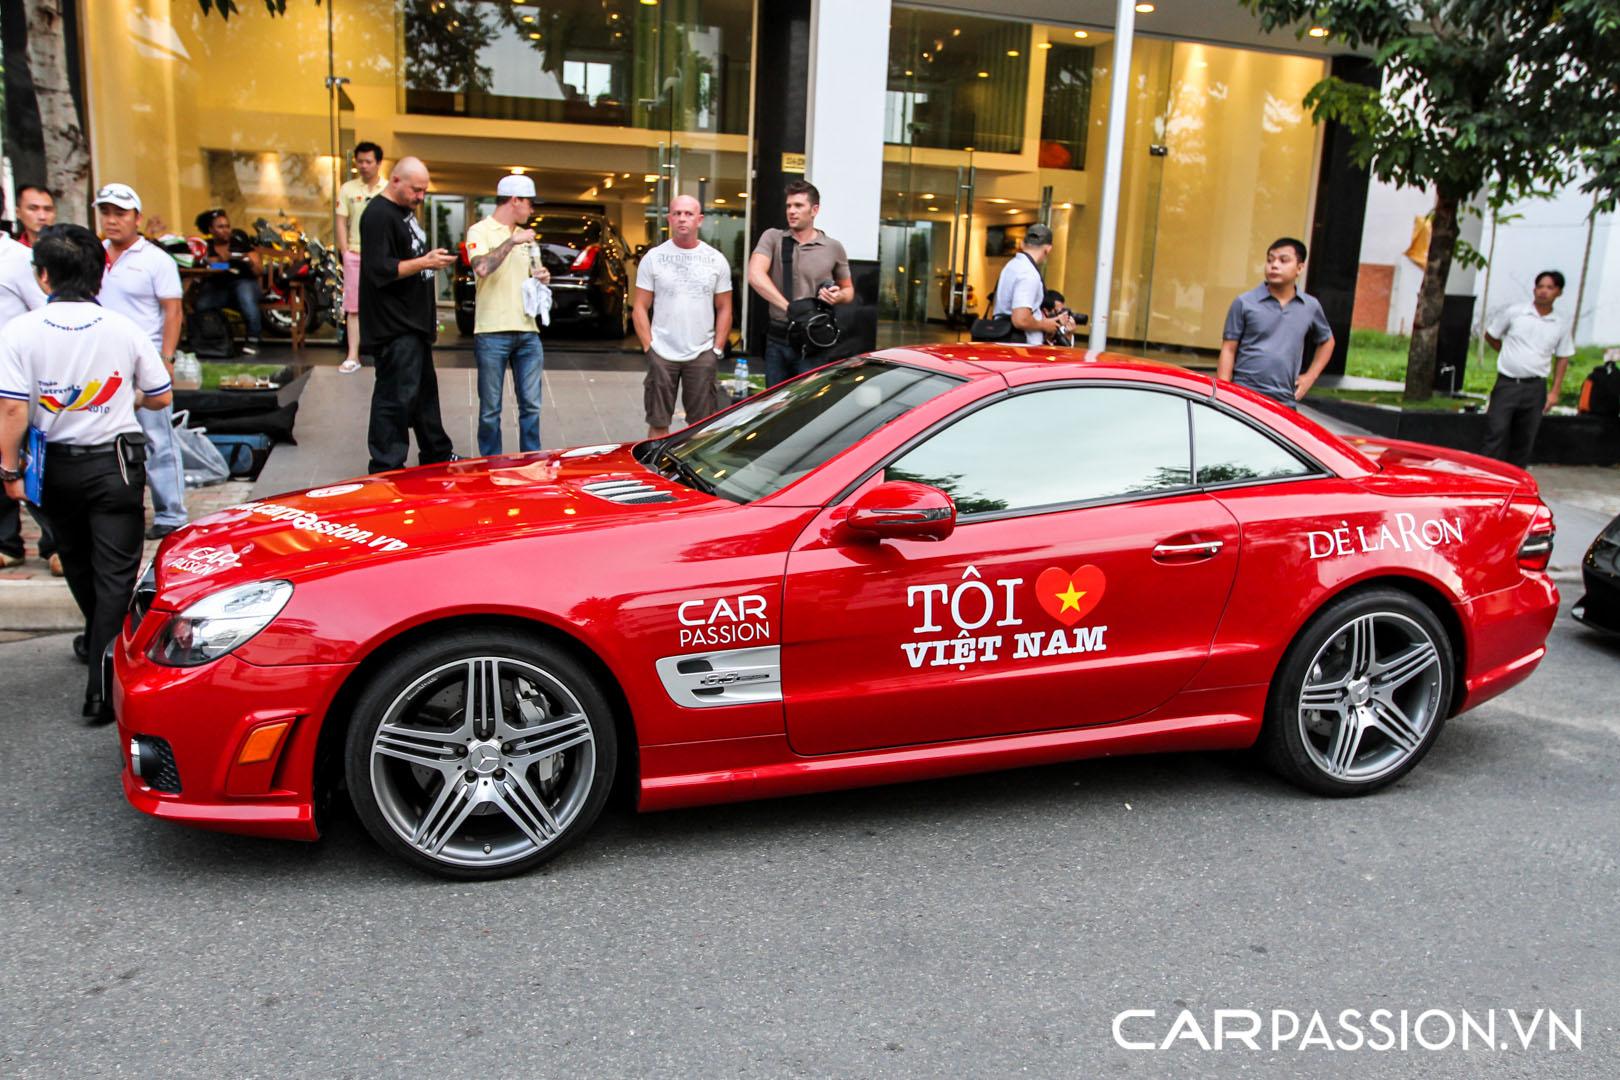 CP-Hành trình siêu xe CarPassion 2011 (4).jpg